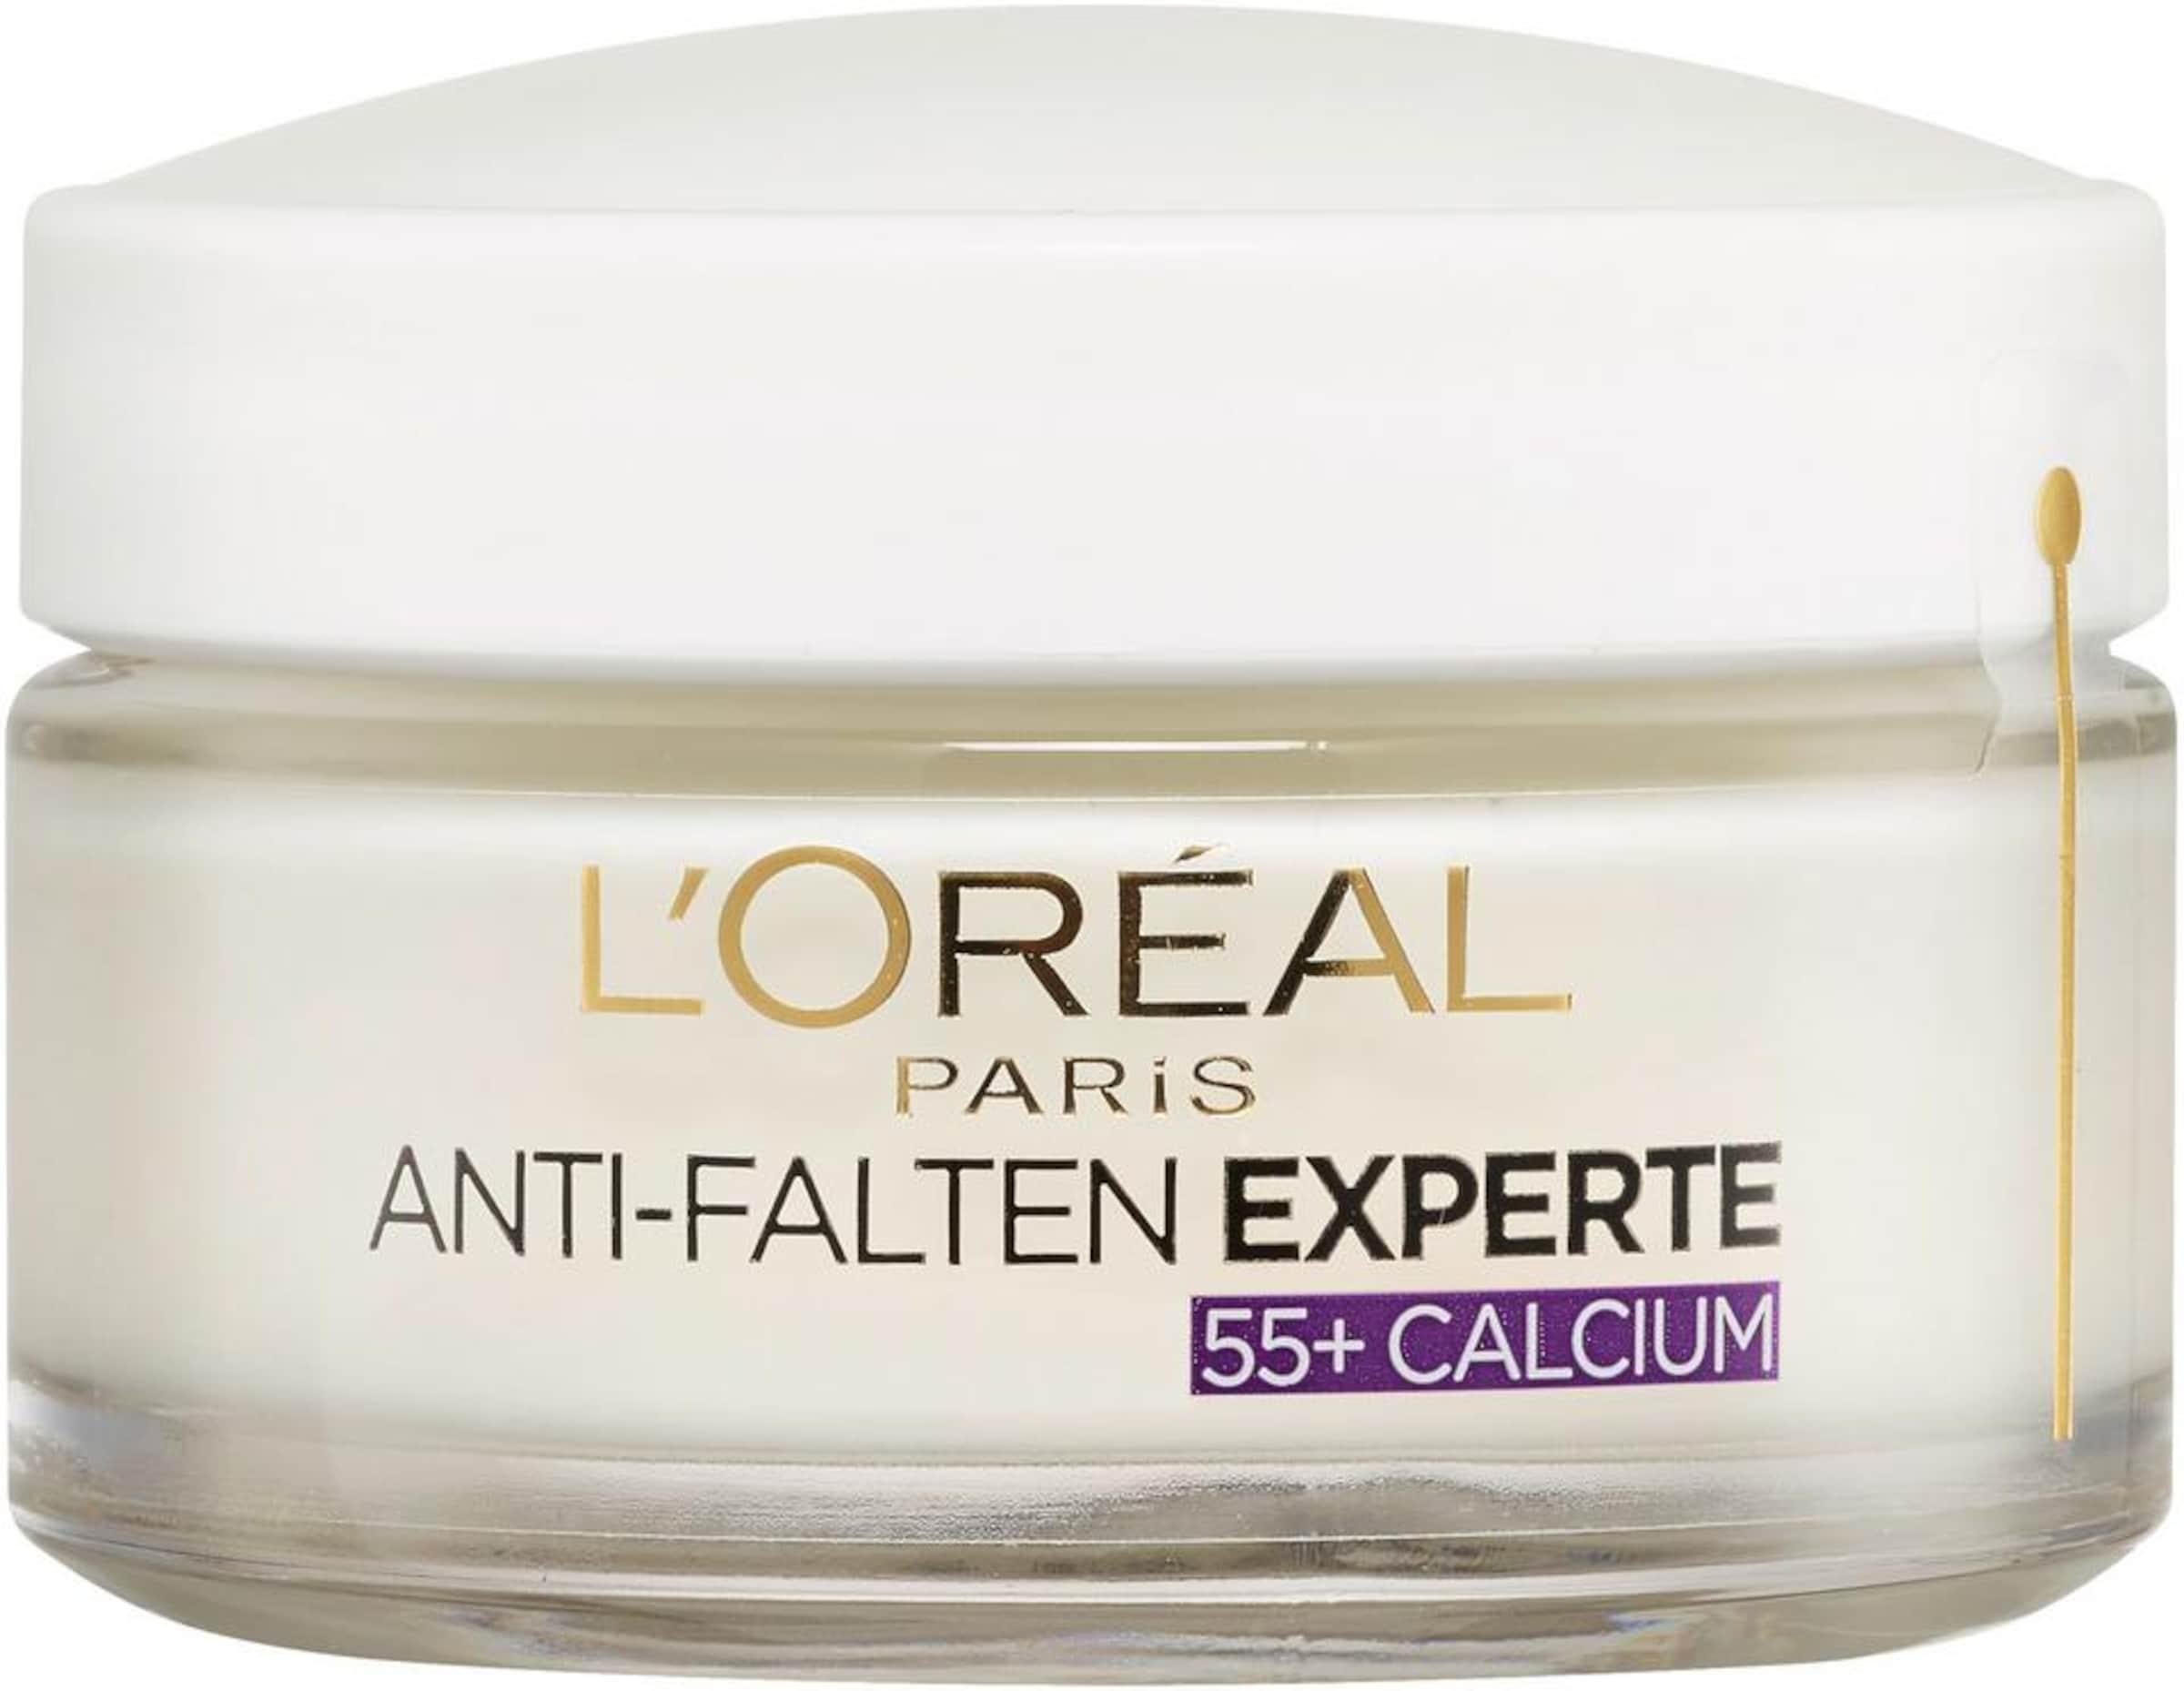 falen L'oréal 55Tag tlgIn 'anti Geschenk set2 Und Nacht' Paris Weiß Experte N0w8vmnO